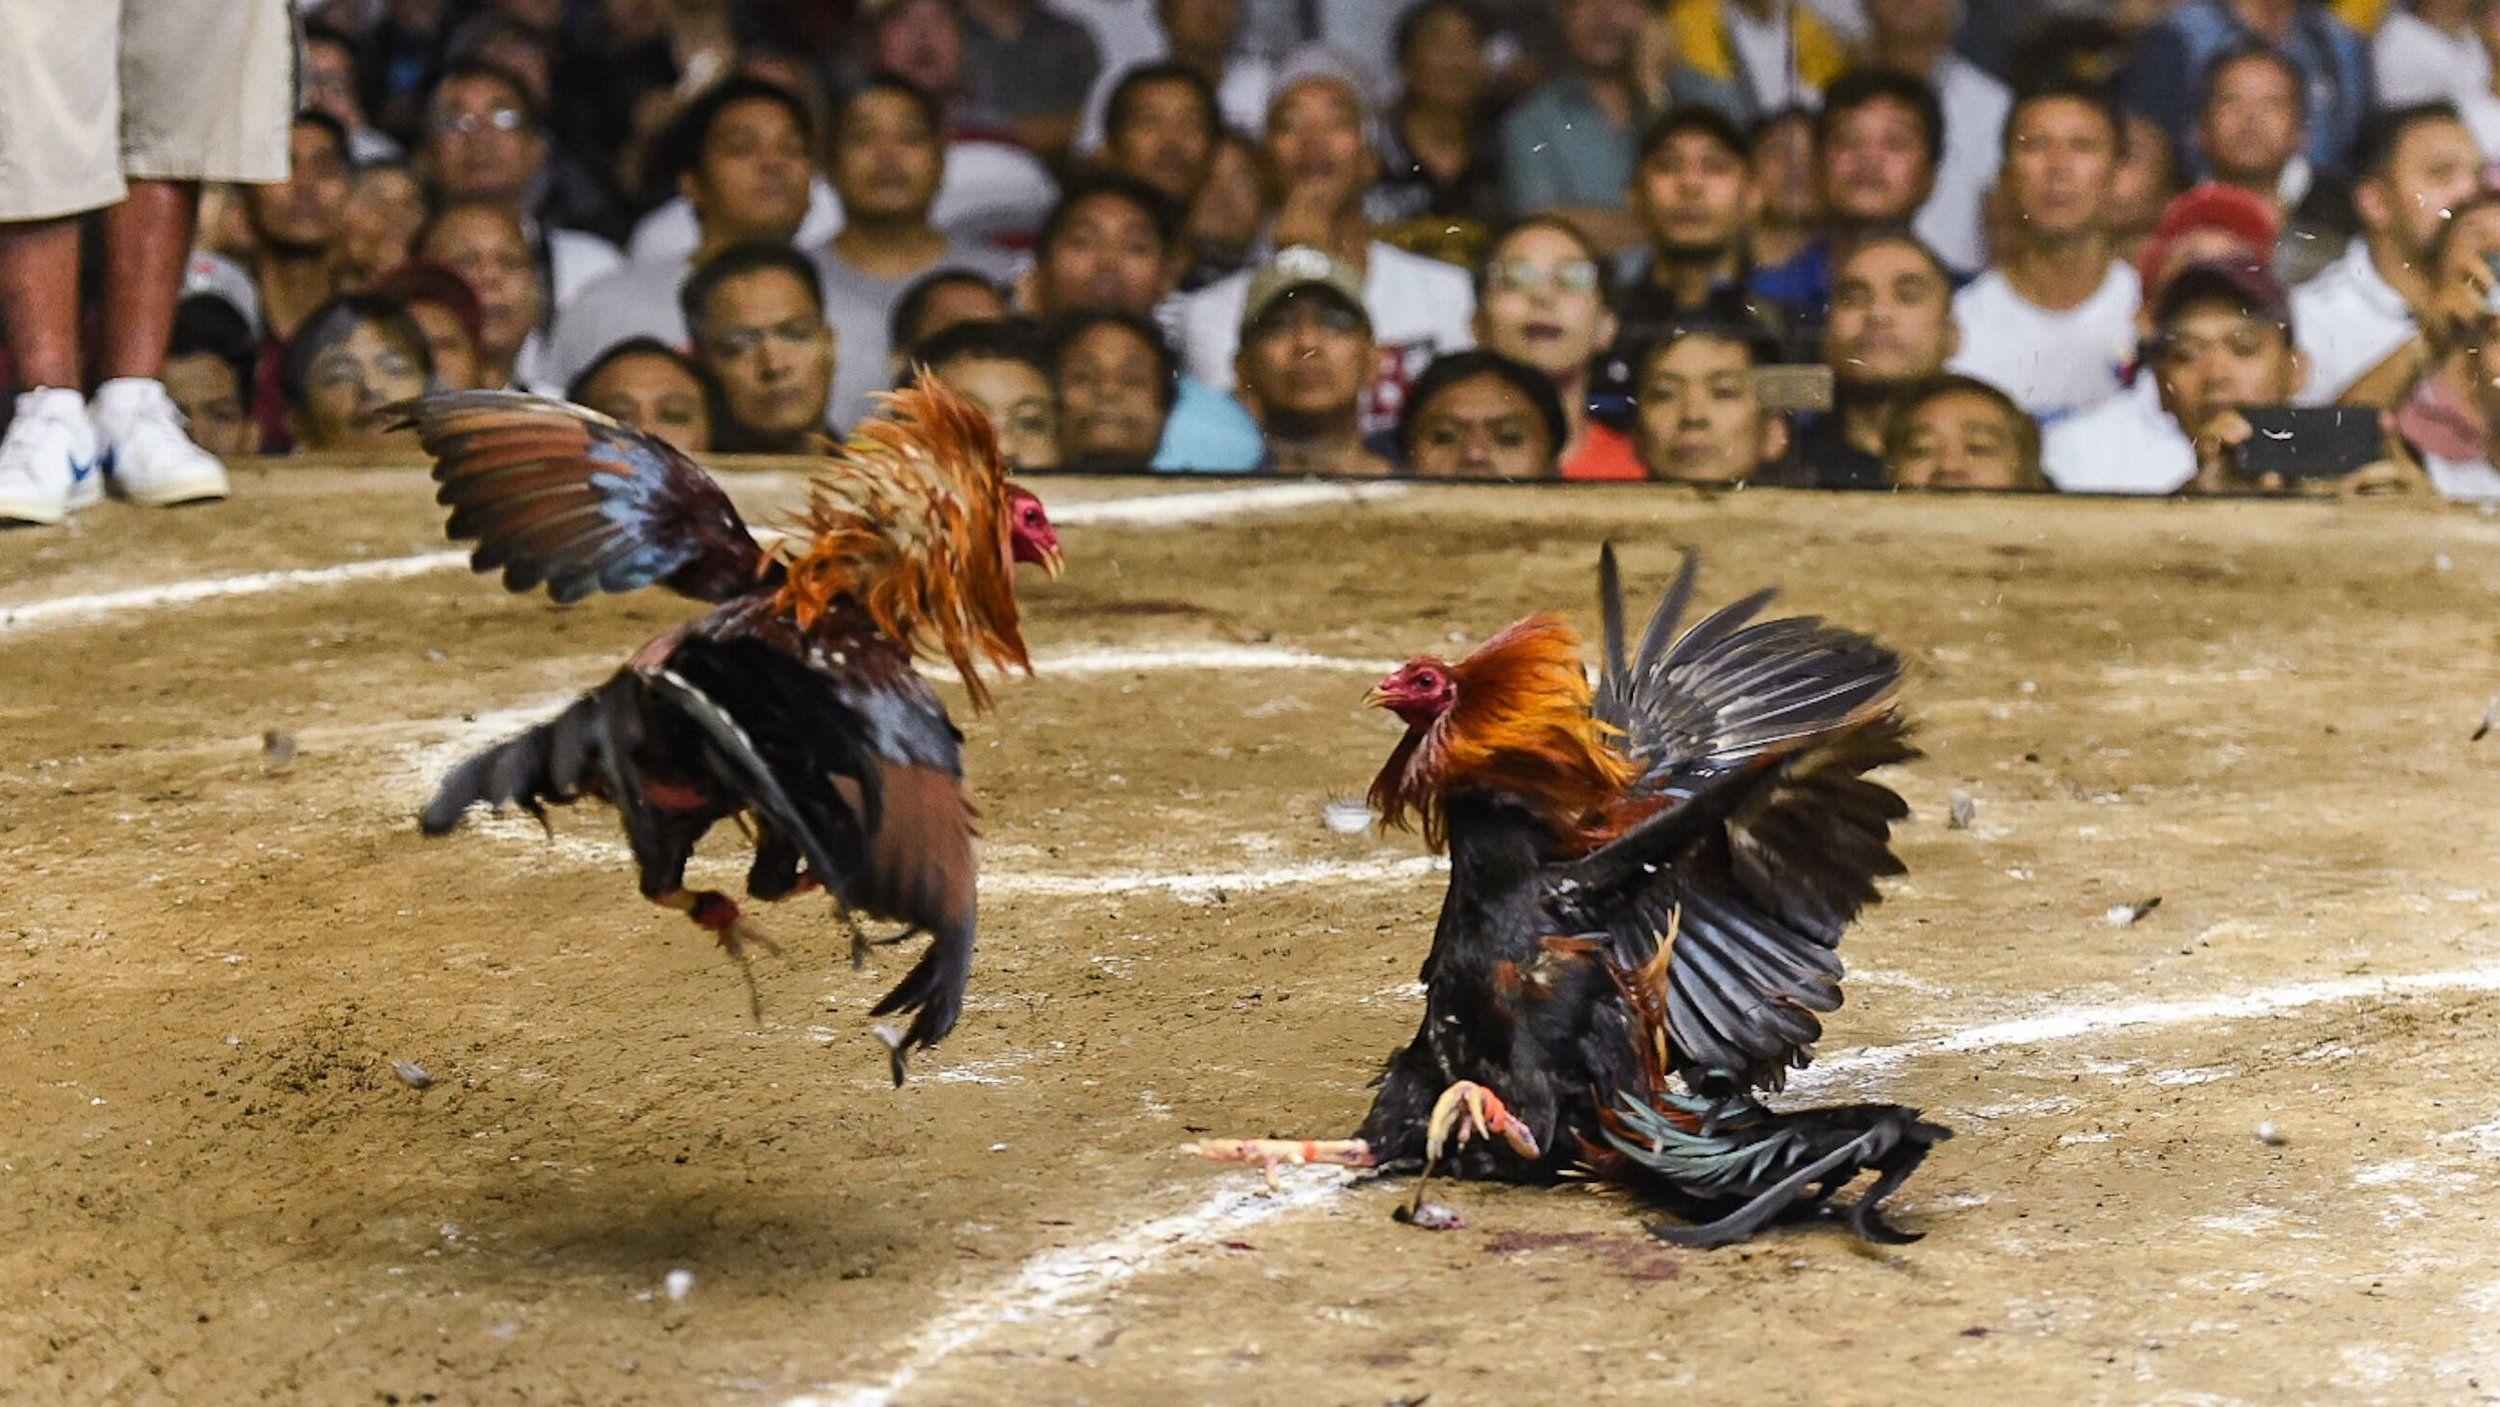 20180307_cockfight_birds-fighting.jpg